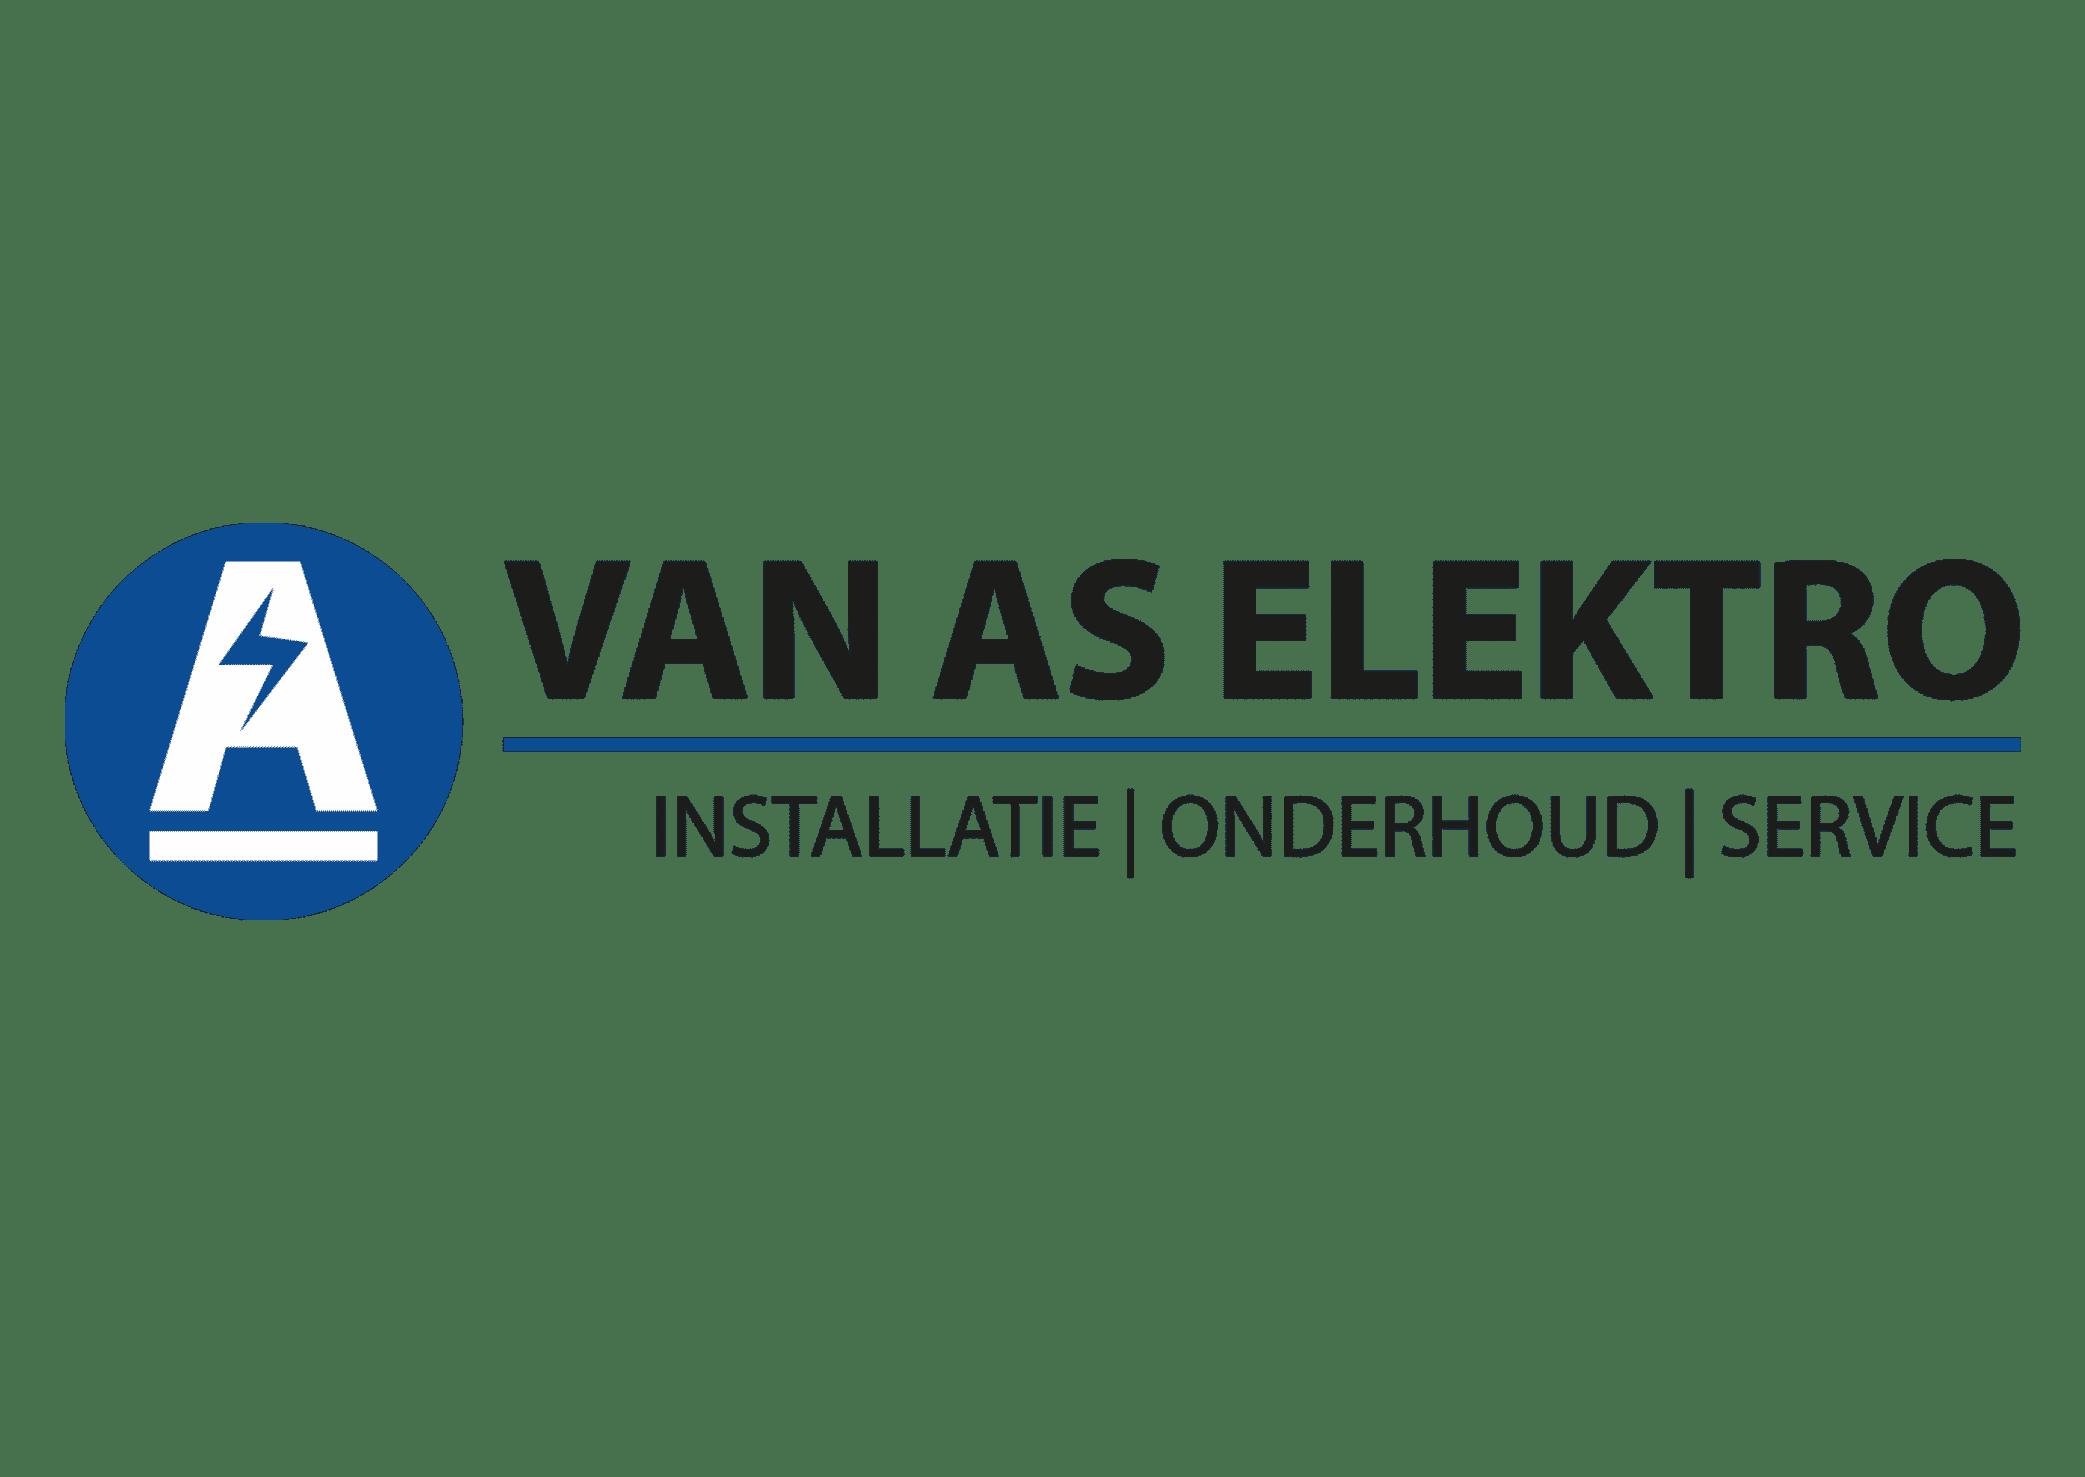 Van As Elektro